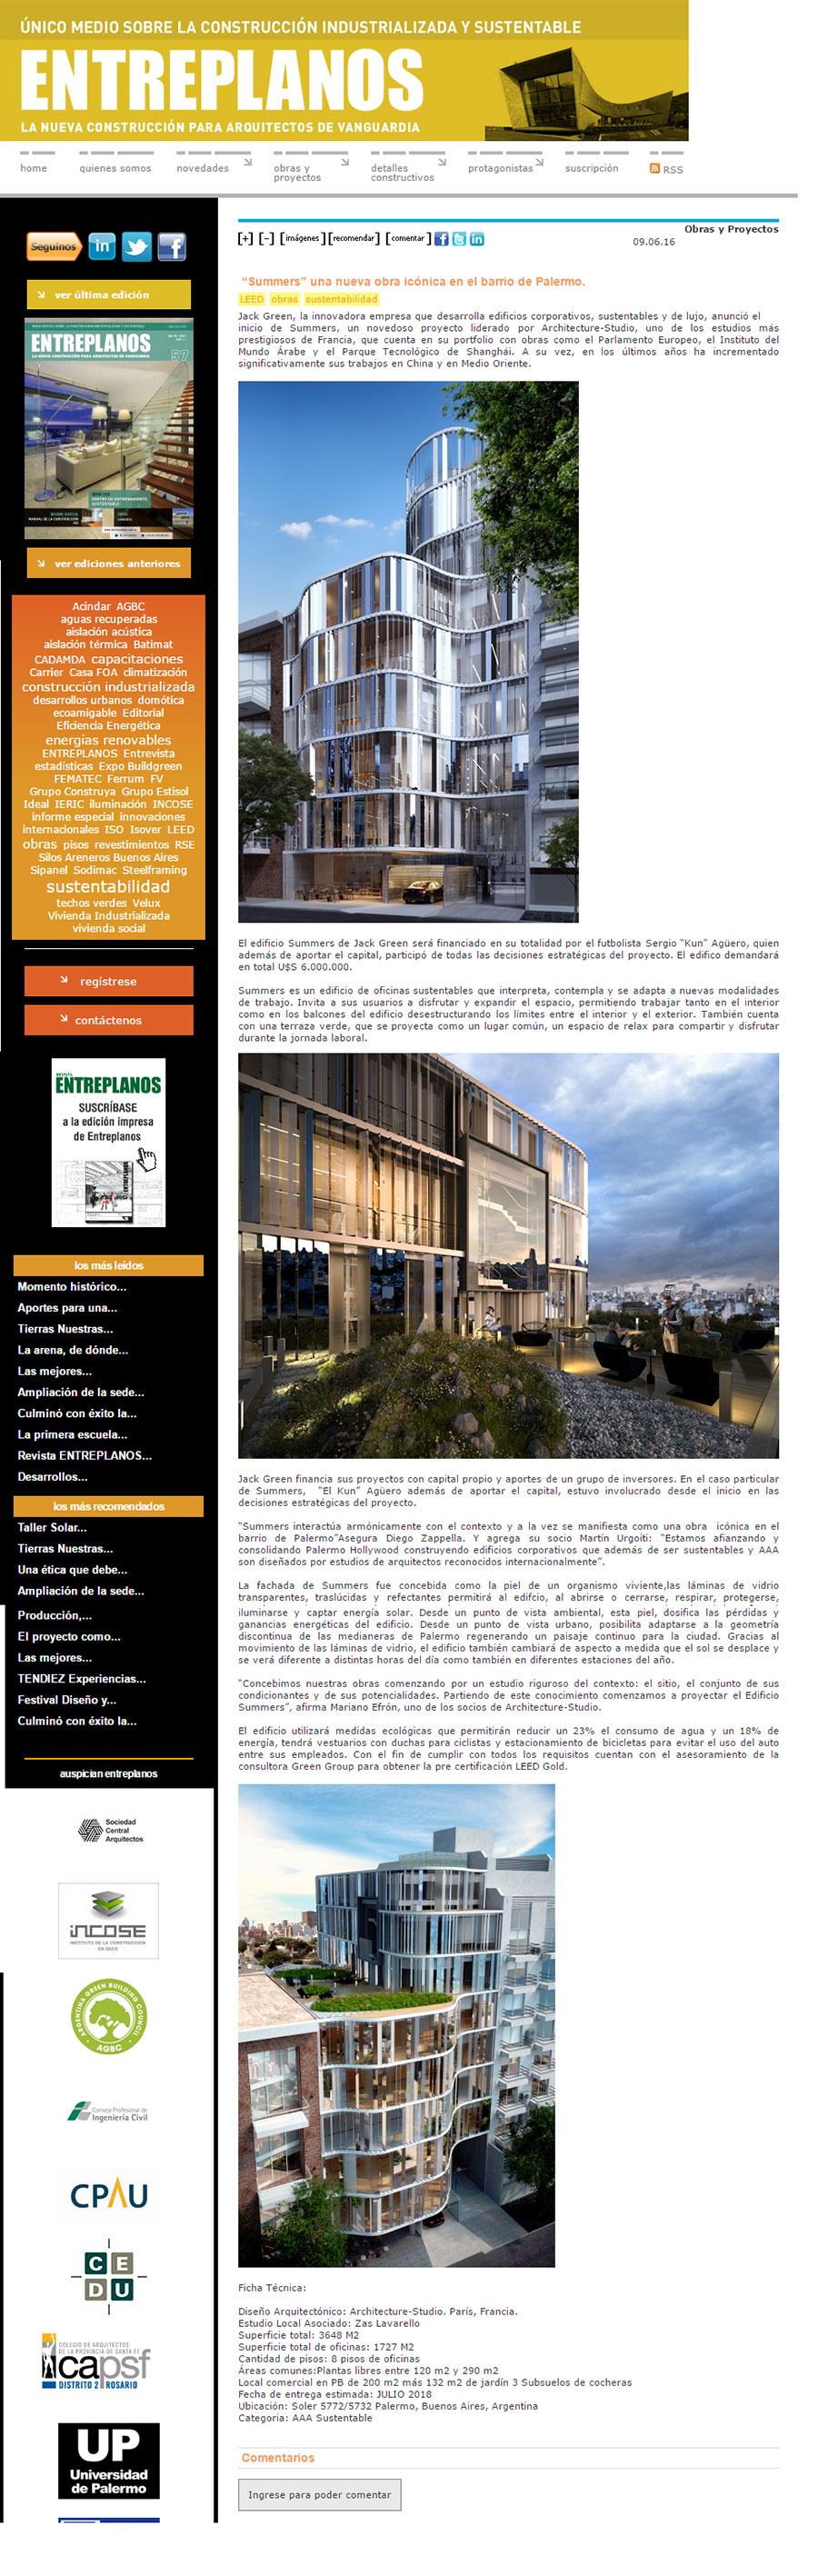 09-06-2016-Entre-Planos-'Summers'-una-nueva-obra-icónica-en-el-barrio-de-Palermo